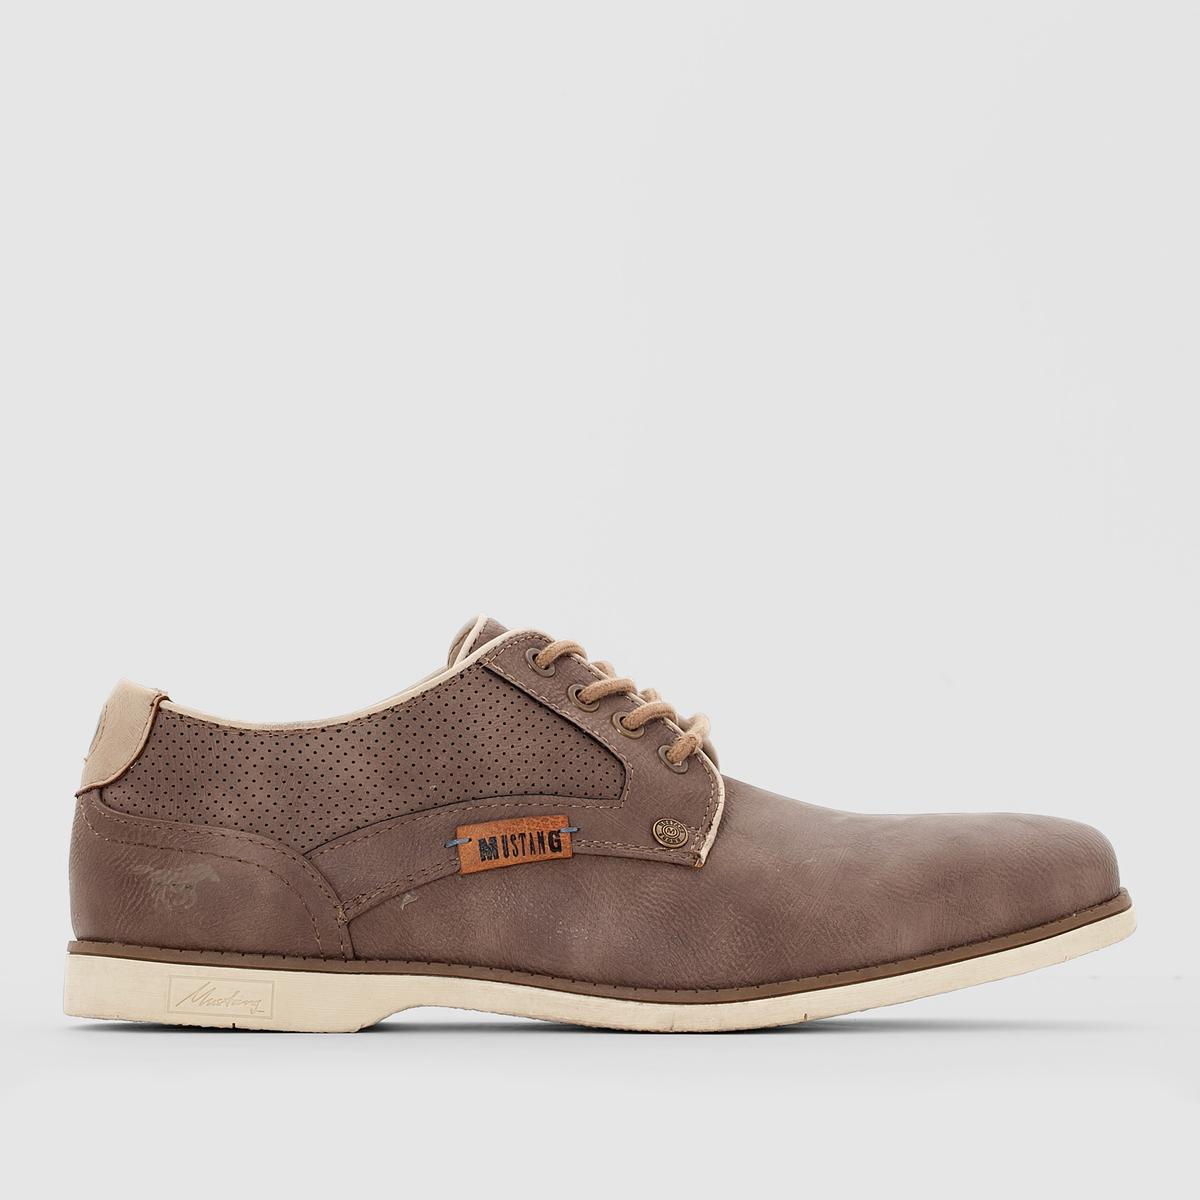 Ботинки-дерби на шнуровкеЕсли вы хотите покорить большие города или отдаленные уголки Земли, вам нужна отличная обувь с характером! Прекрасные ботинки-дерби Mustang в аутентичном строгом стиле помогут вам в этом!<br><br>Цвет: темно-серый